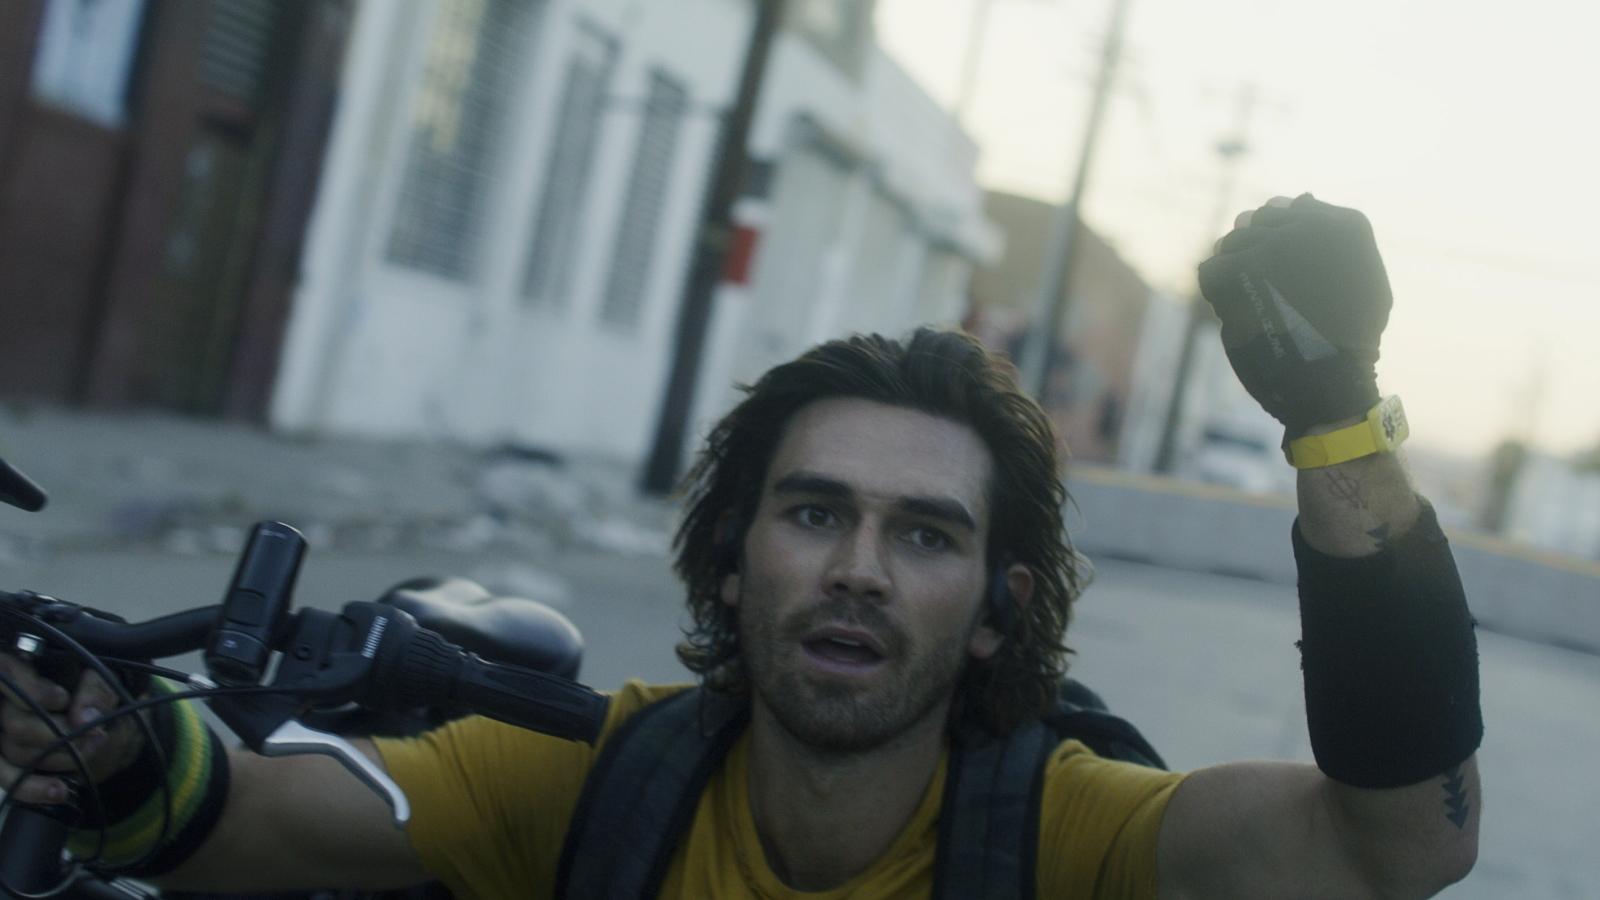 Phim điện ảnh đầu tiên về Covid-19 do Michael Bay sản xuất ra mắt khán giả Việt